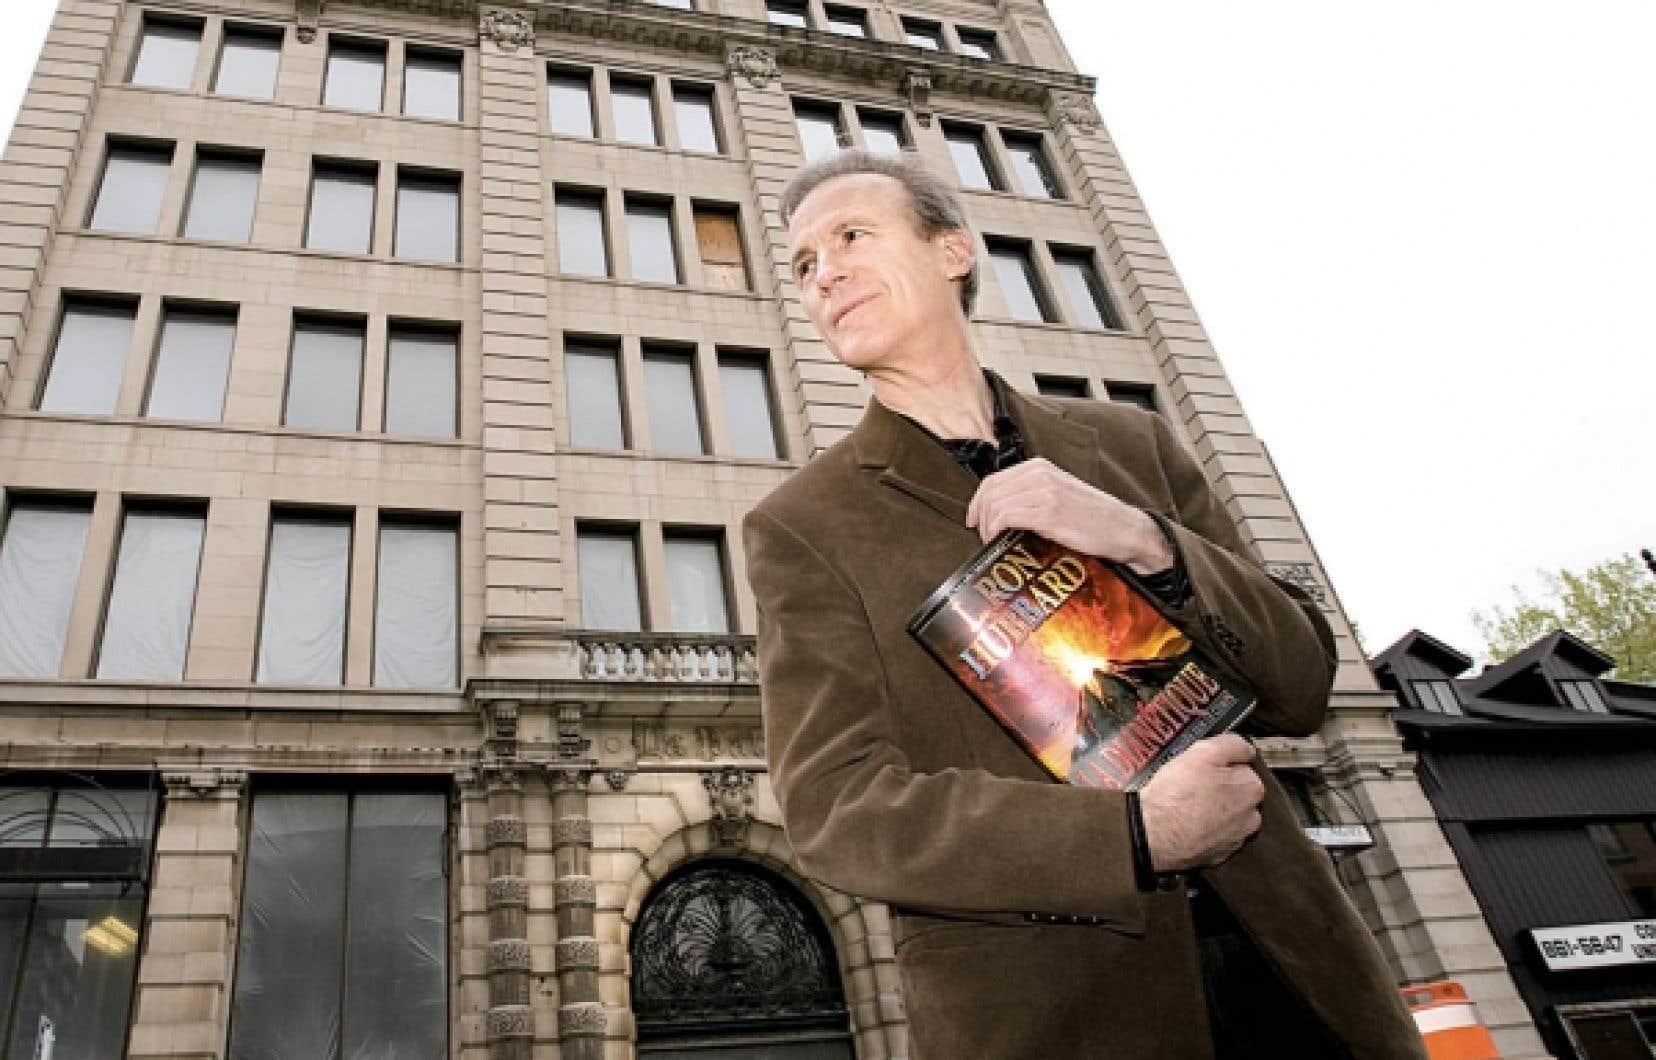 Le porte-parole de l'Église de scientologie de Montréal, Jean Larivière, devant l'édifice que le mouvement vient d'acquérir au centre-ville de Montréal. Un projet de 10 millions après rénovations.